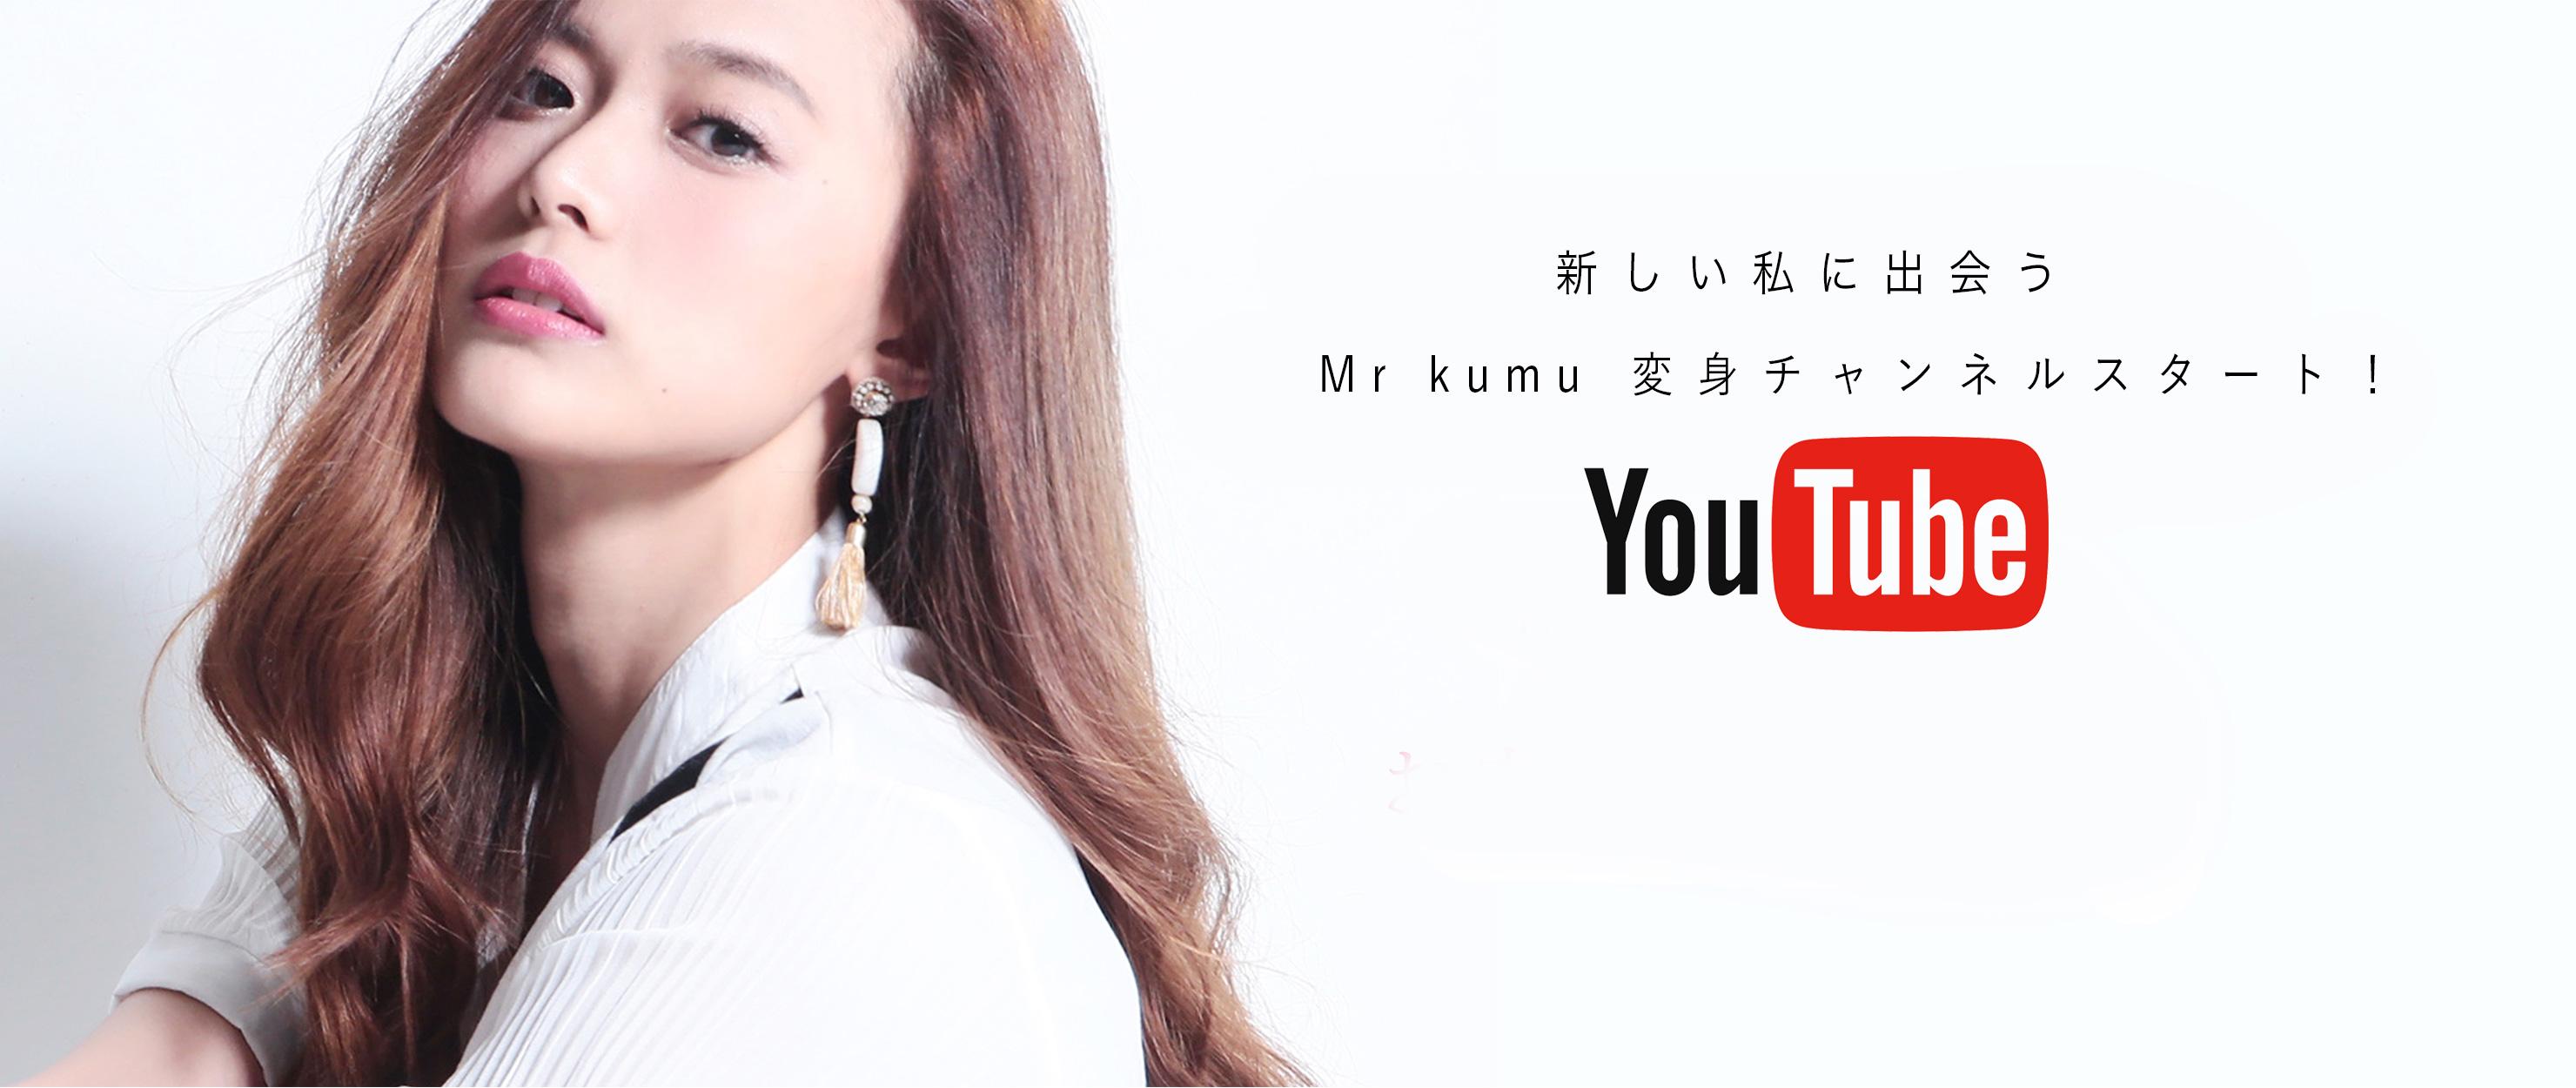 新しい私に出会う Mr kumu 変身チャンネルスタート! YouTube